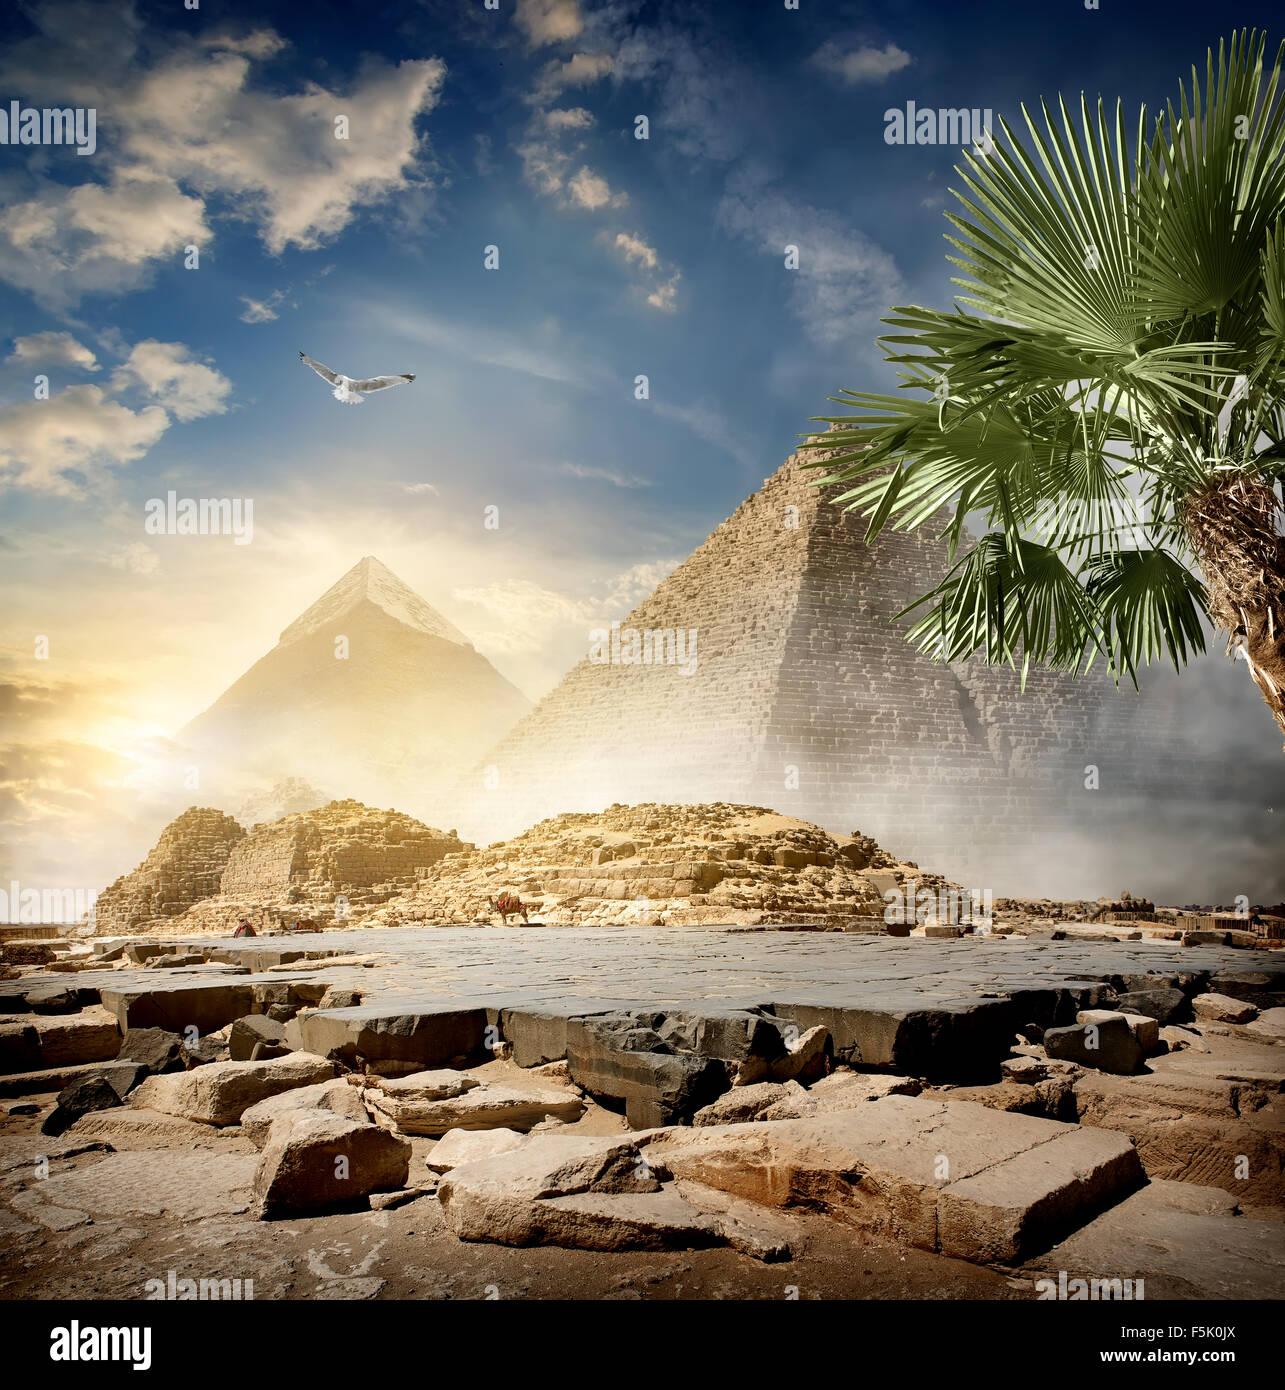 Brouillard autour de pyramides en desert au lever du soleil Photo Stock